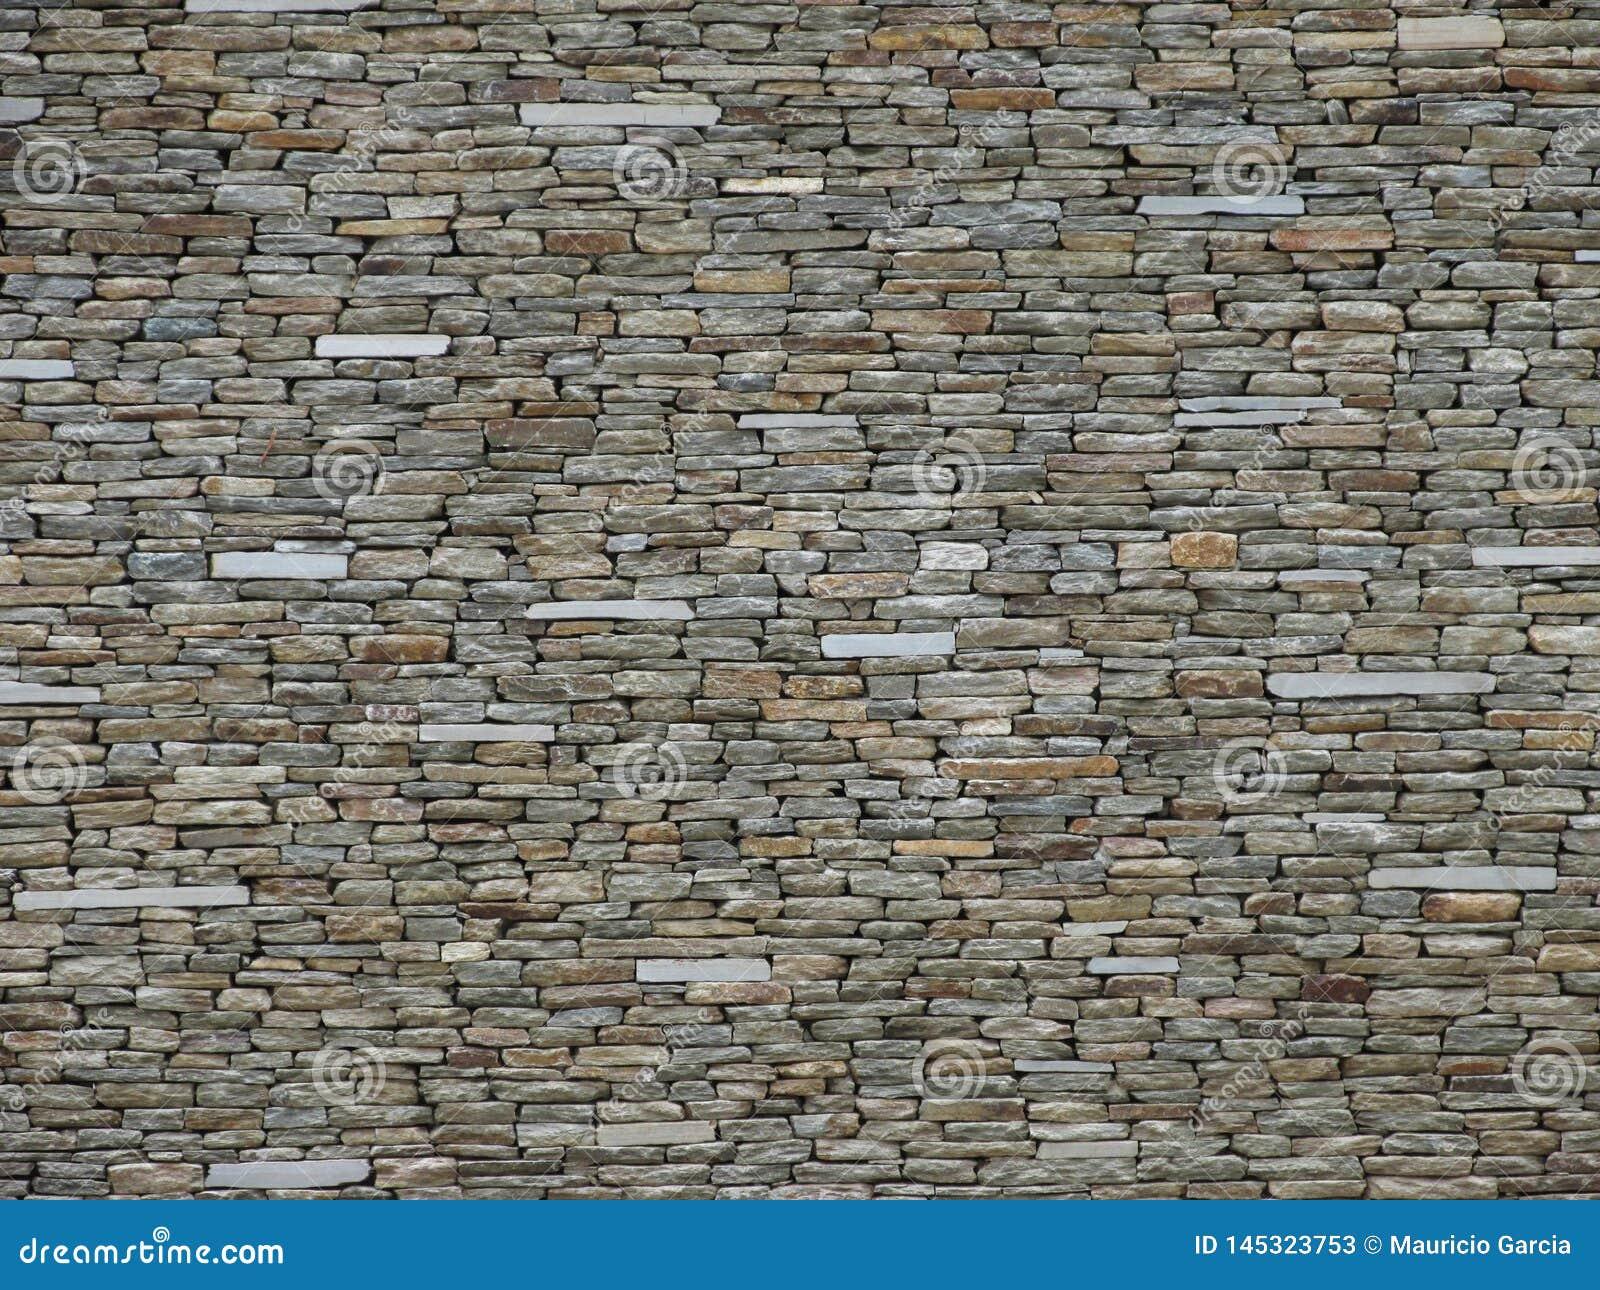 SteenBakstenen muur in lichte kleuren